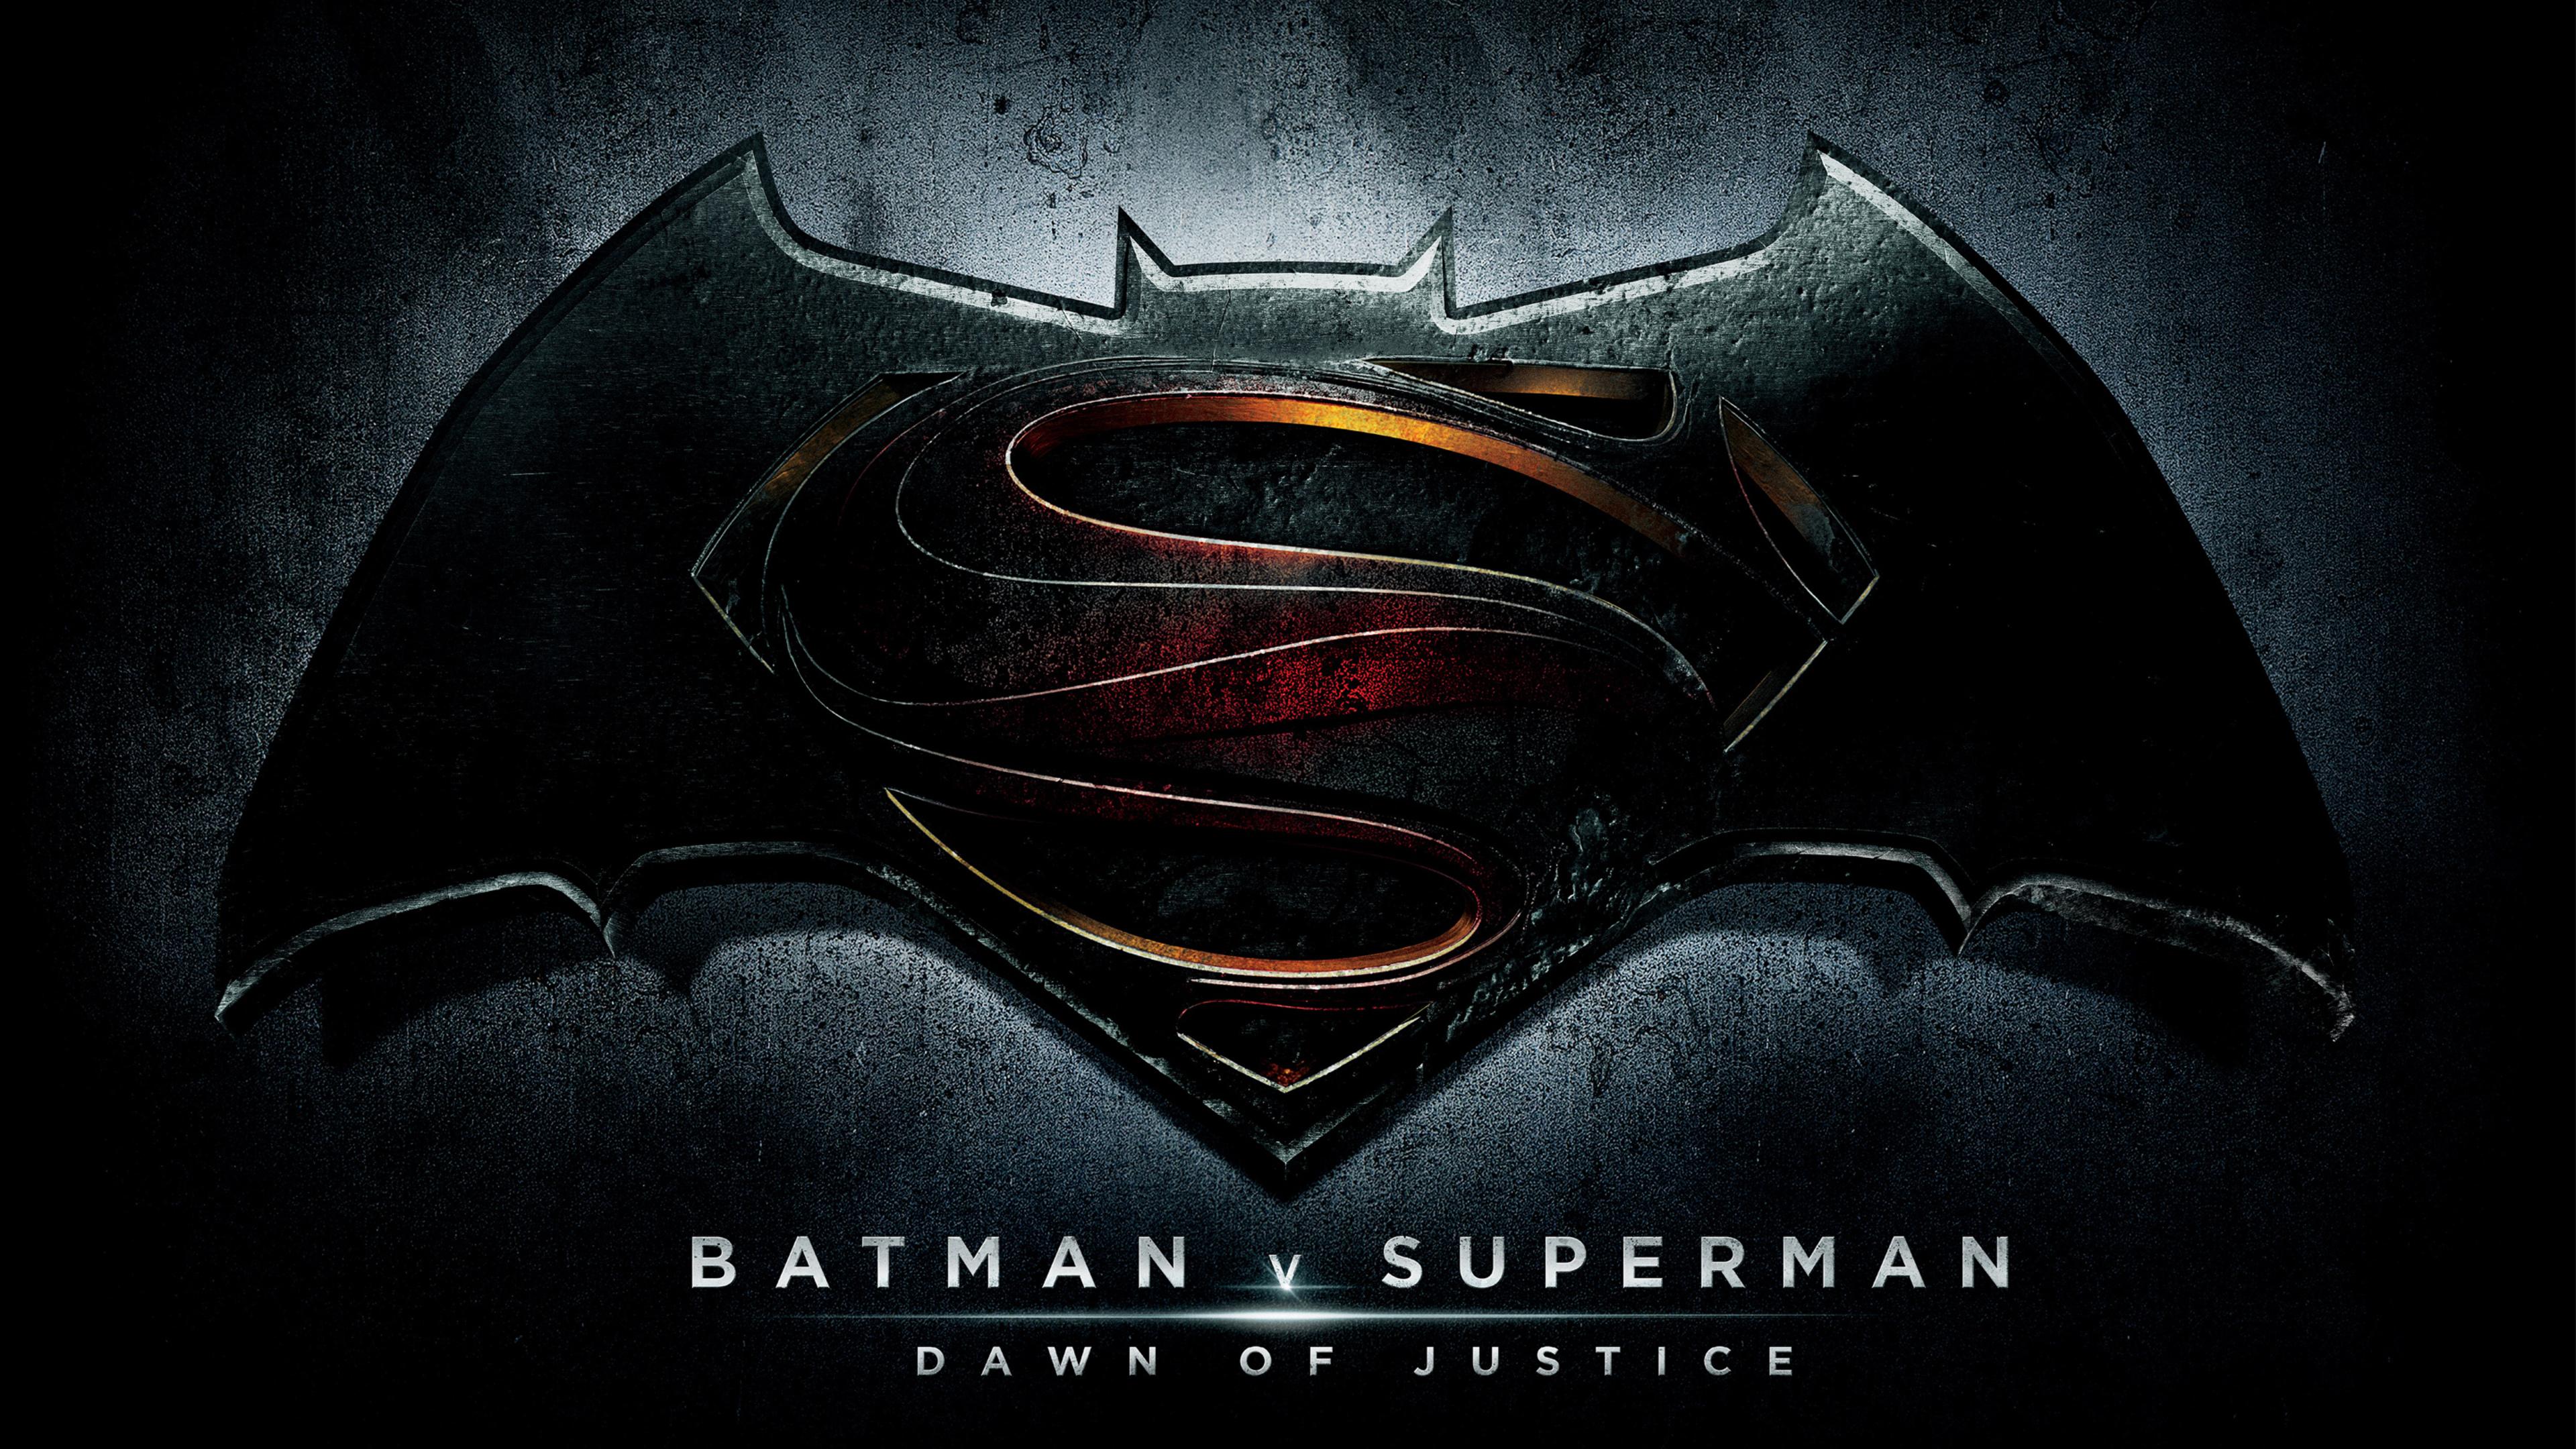 batman vs superman dawn of justice hd 1536361733 - Batman vs Superman Dawn Of Justice HD - superman wallpapers, super heroes wallpapers, movies wallpapers, batman wallpapers, batman vs superman wallpapers, 2016 movies wallpapers